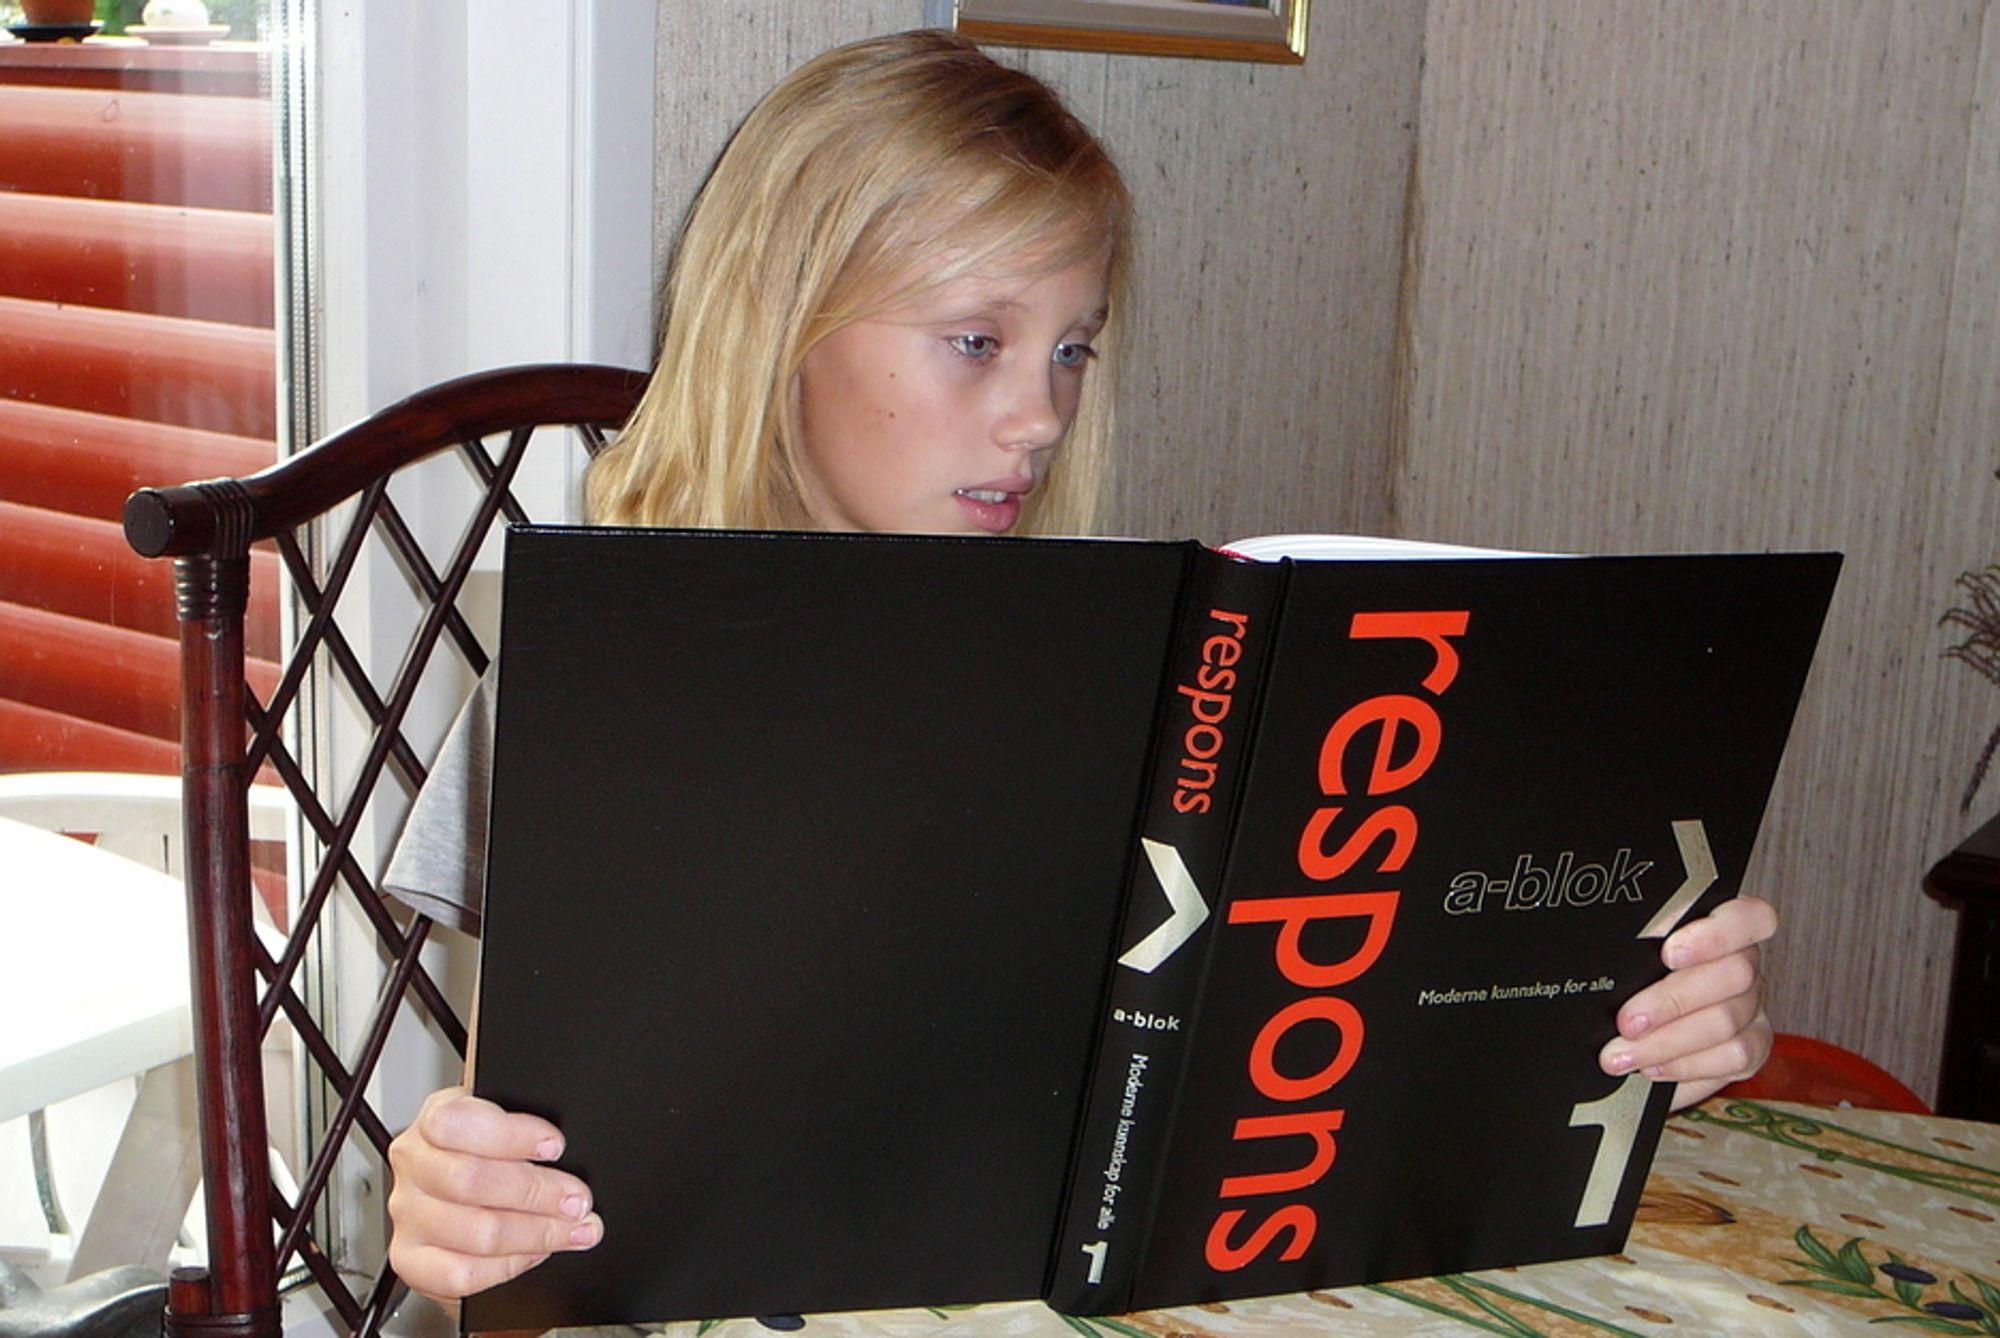 UNGDOM: Den nye leksikonserien Respons er særlig innrettet mot familier med utdanningssøkende ungdom.